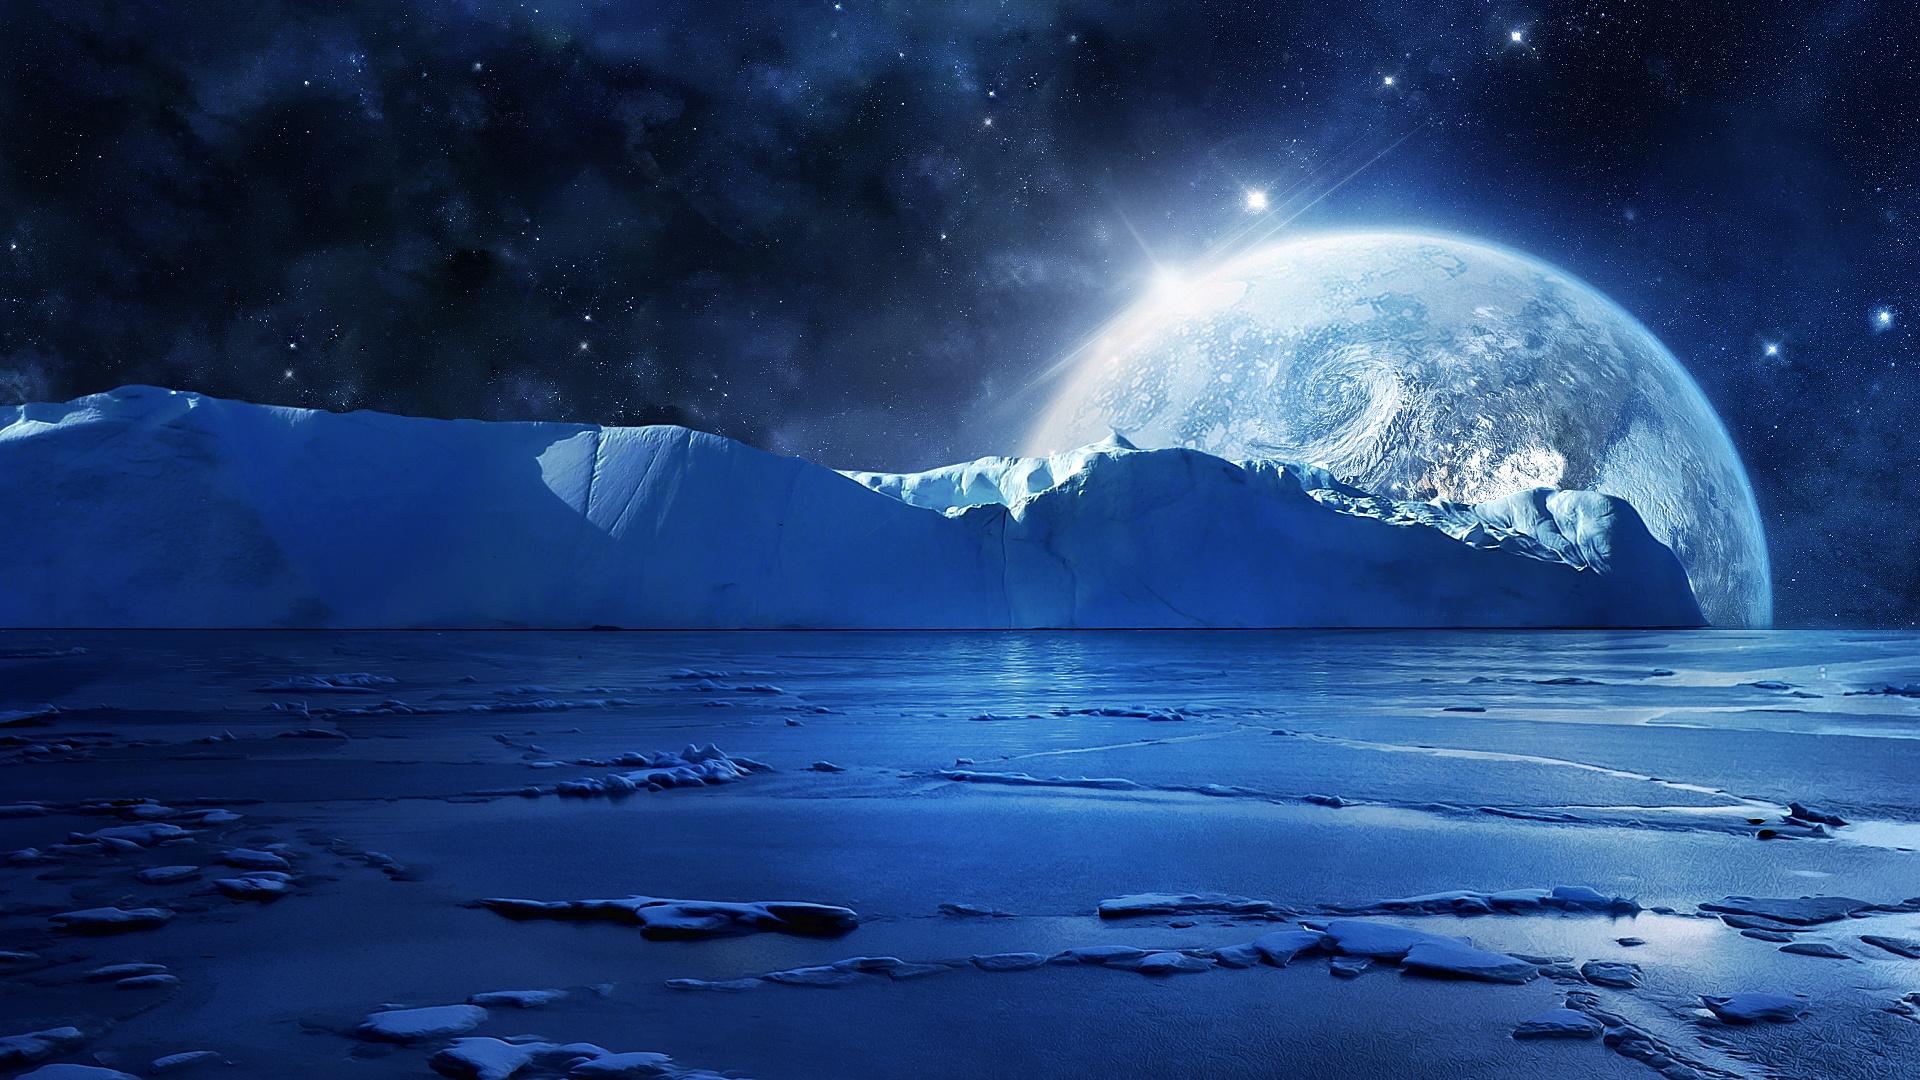 Ocean wallpaper 4481 1920x1080 px hdwallsource com